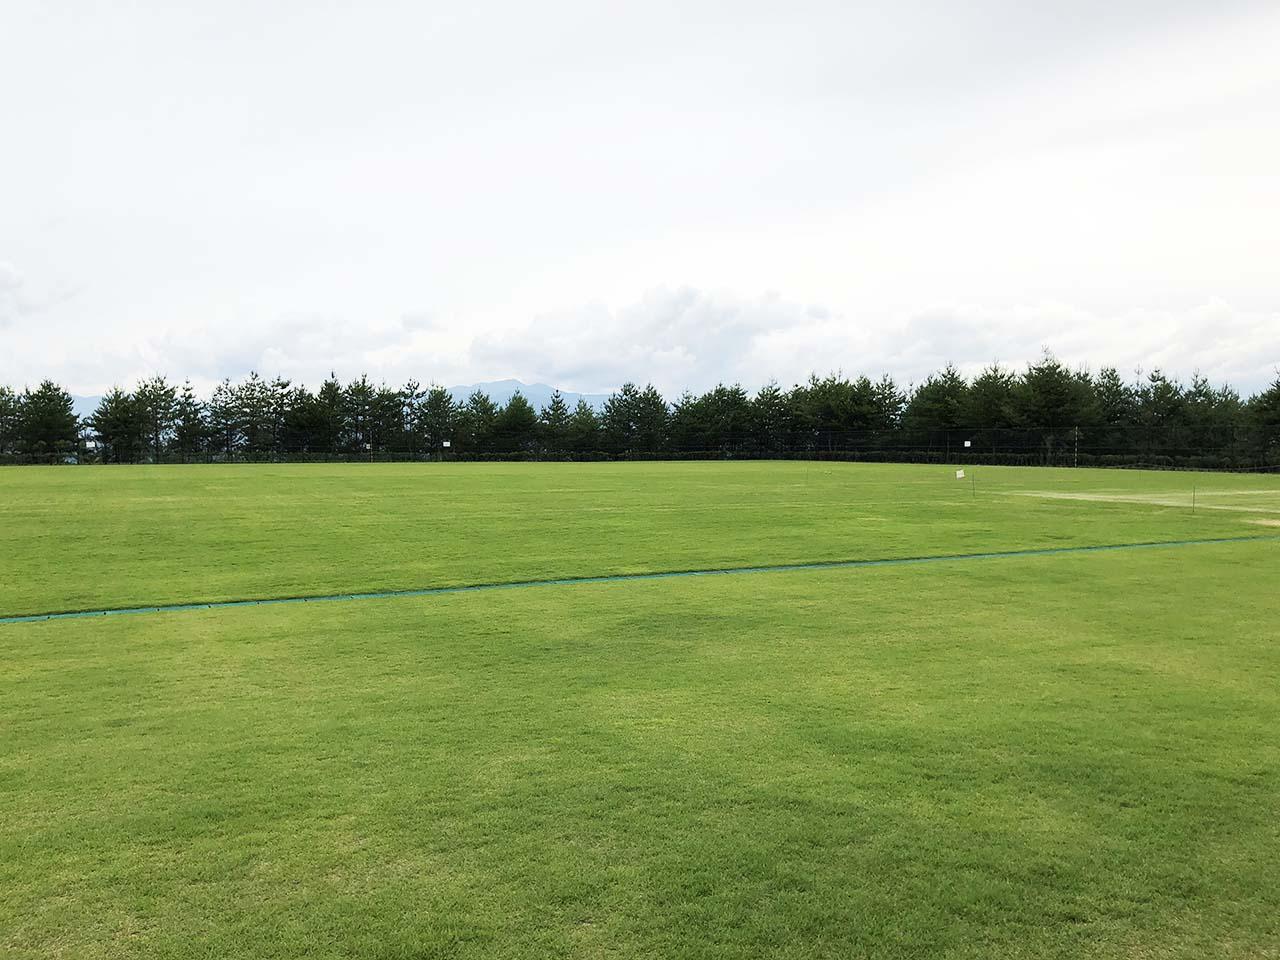 子供と遊ぶ公園中津川市の中津川公園の多目的芝生広場2